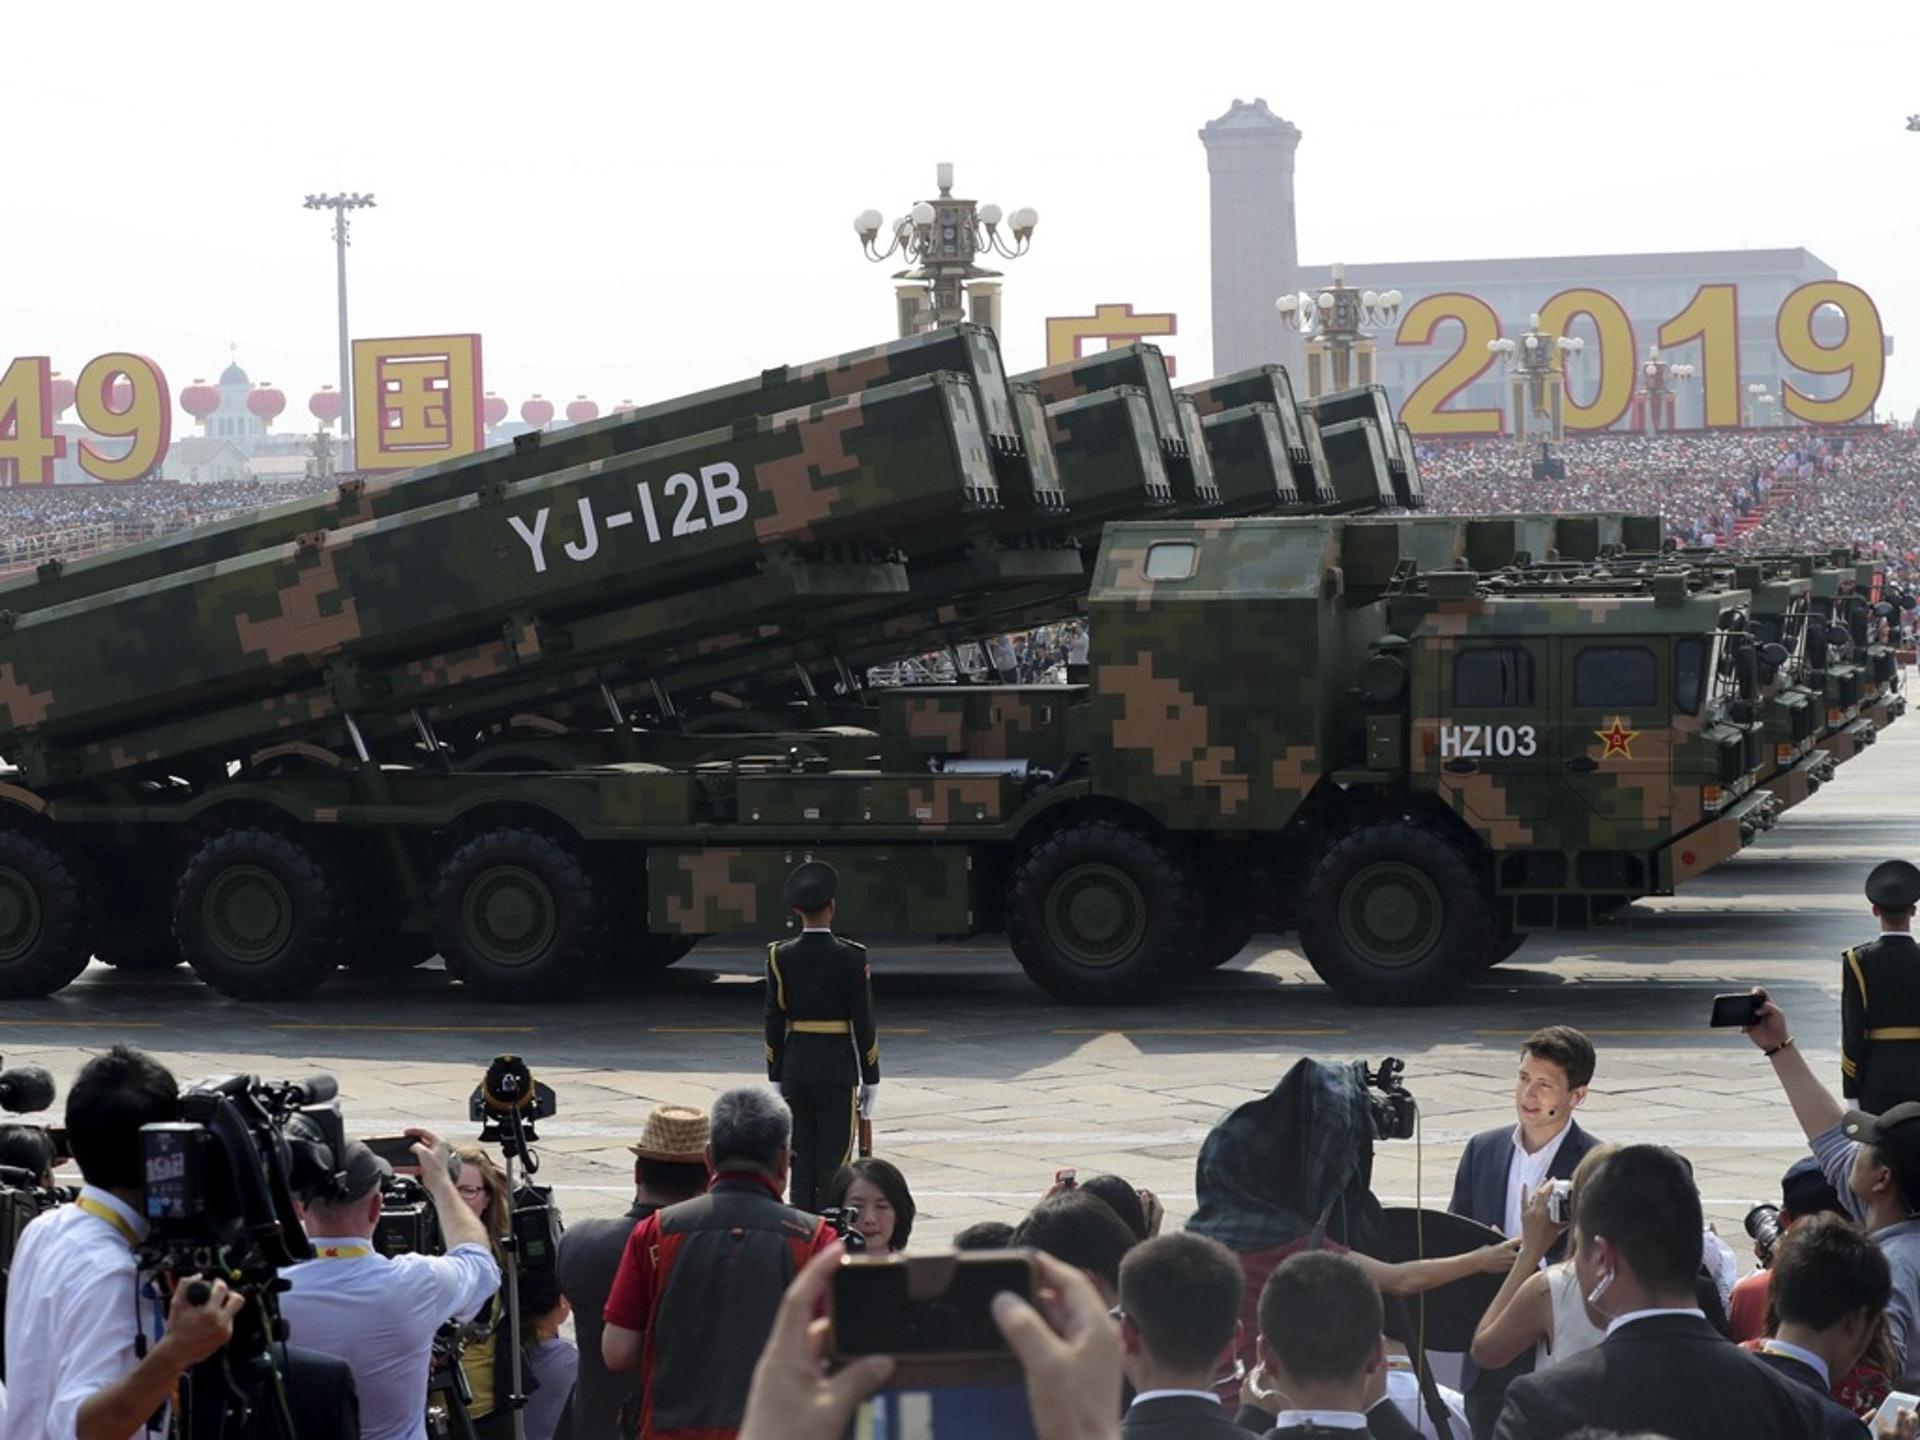 YJ-12B是解放军装备的超音速反舰导弹,也是反航母利器。(AP)